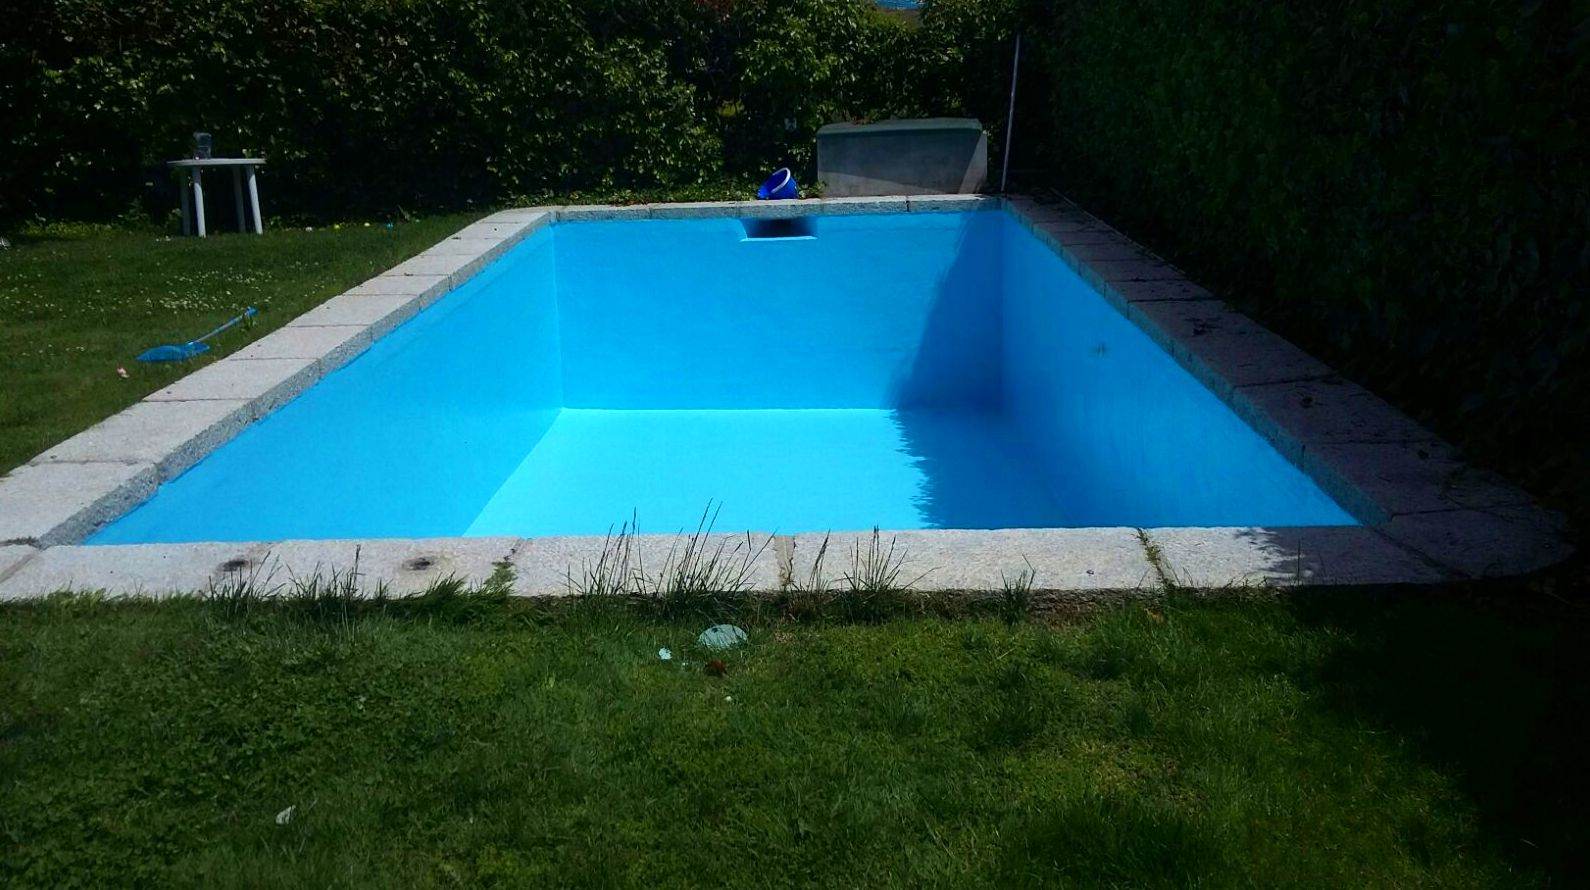 Reparación de piscina en poliester con fibra de vidrio